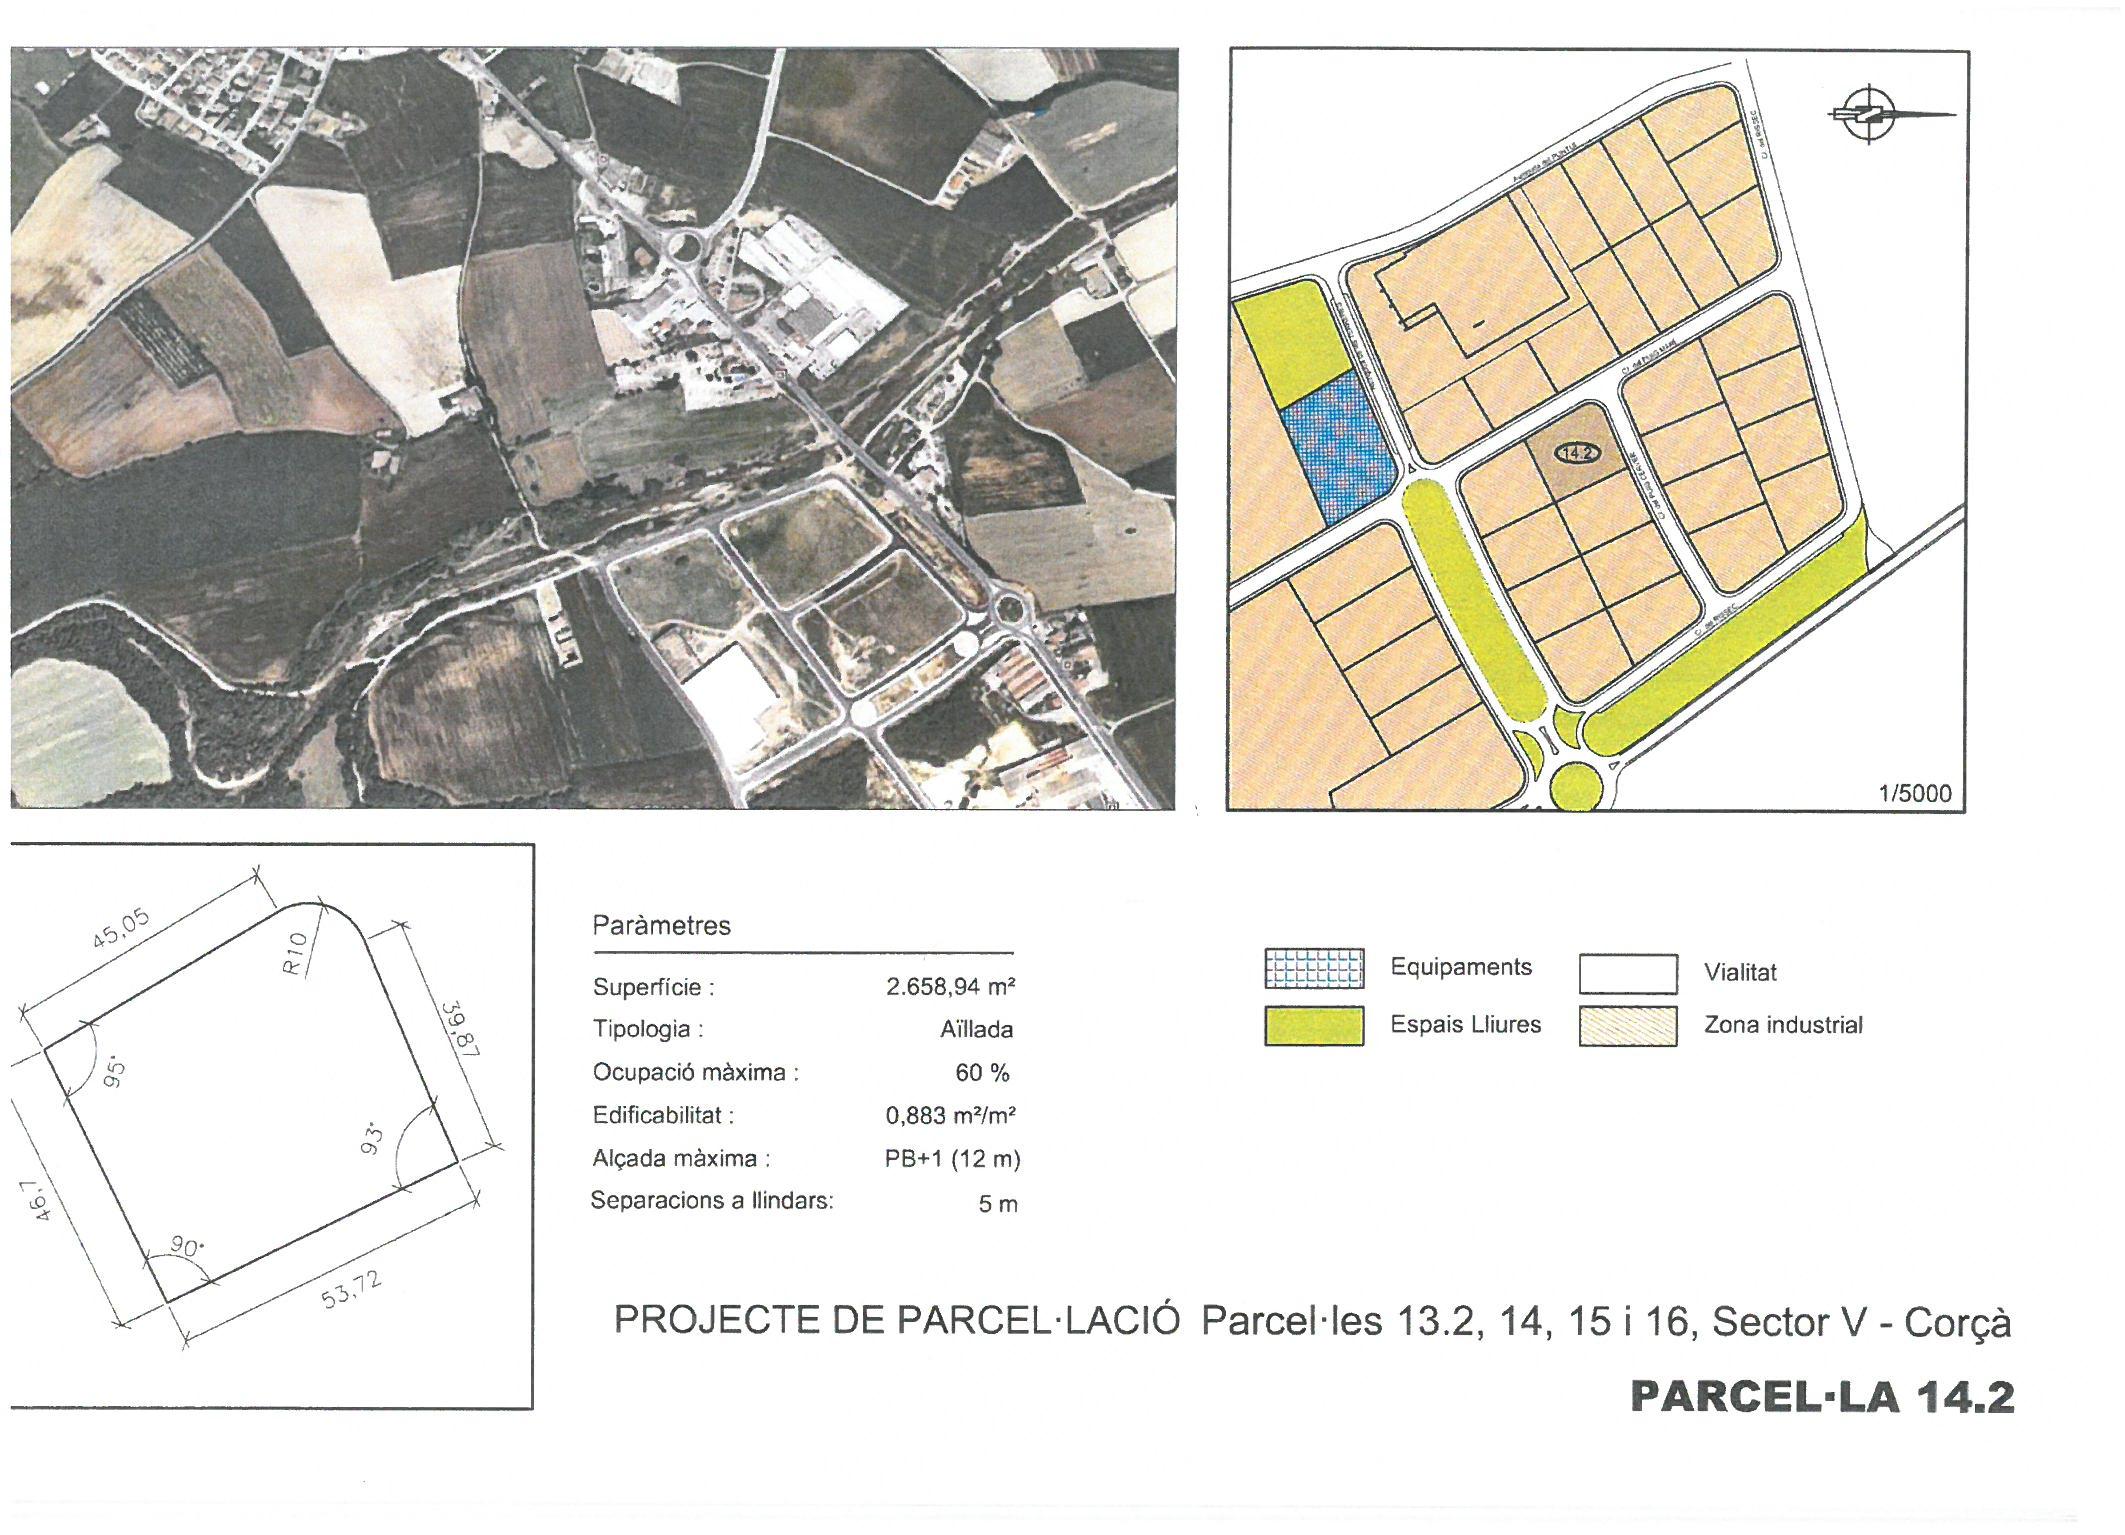 Terme municipal de Corcà, parcel•la 14.2